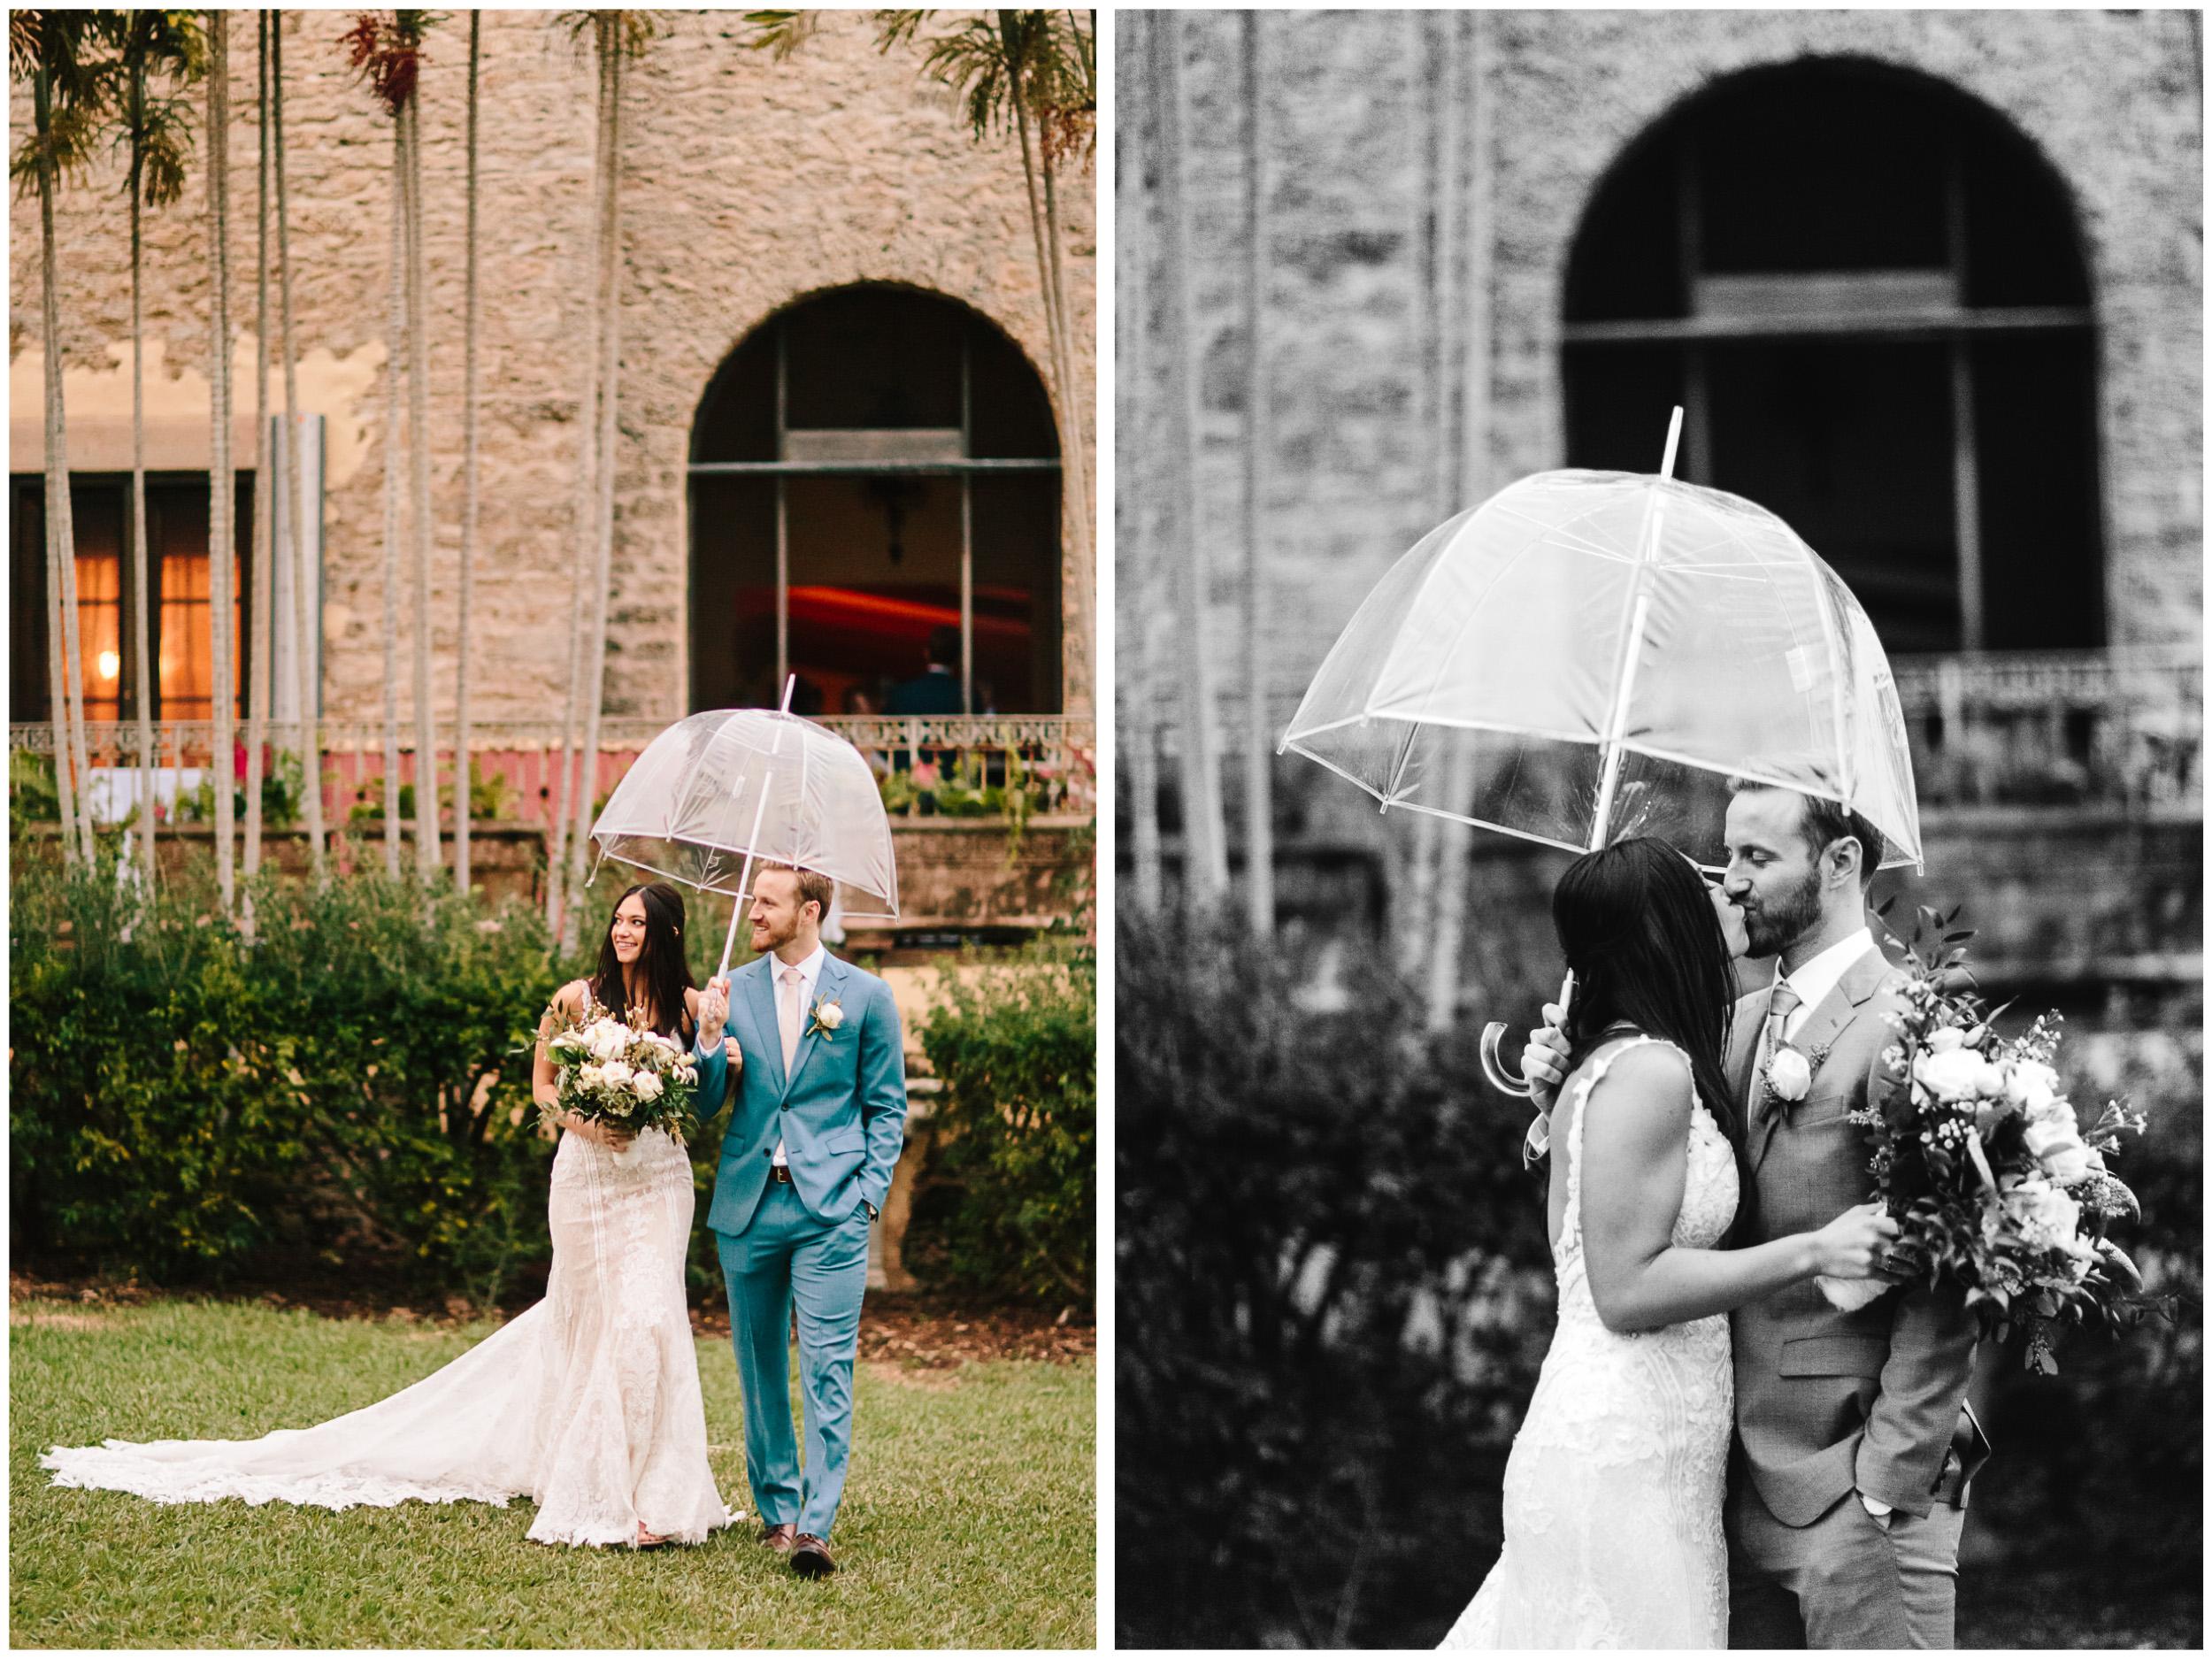 the_deering_estate_wedding_62.jpg